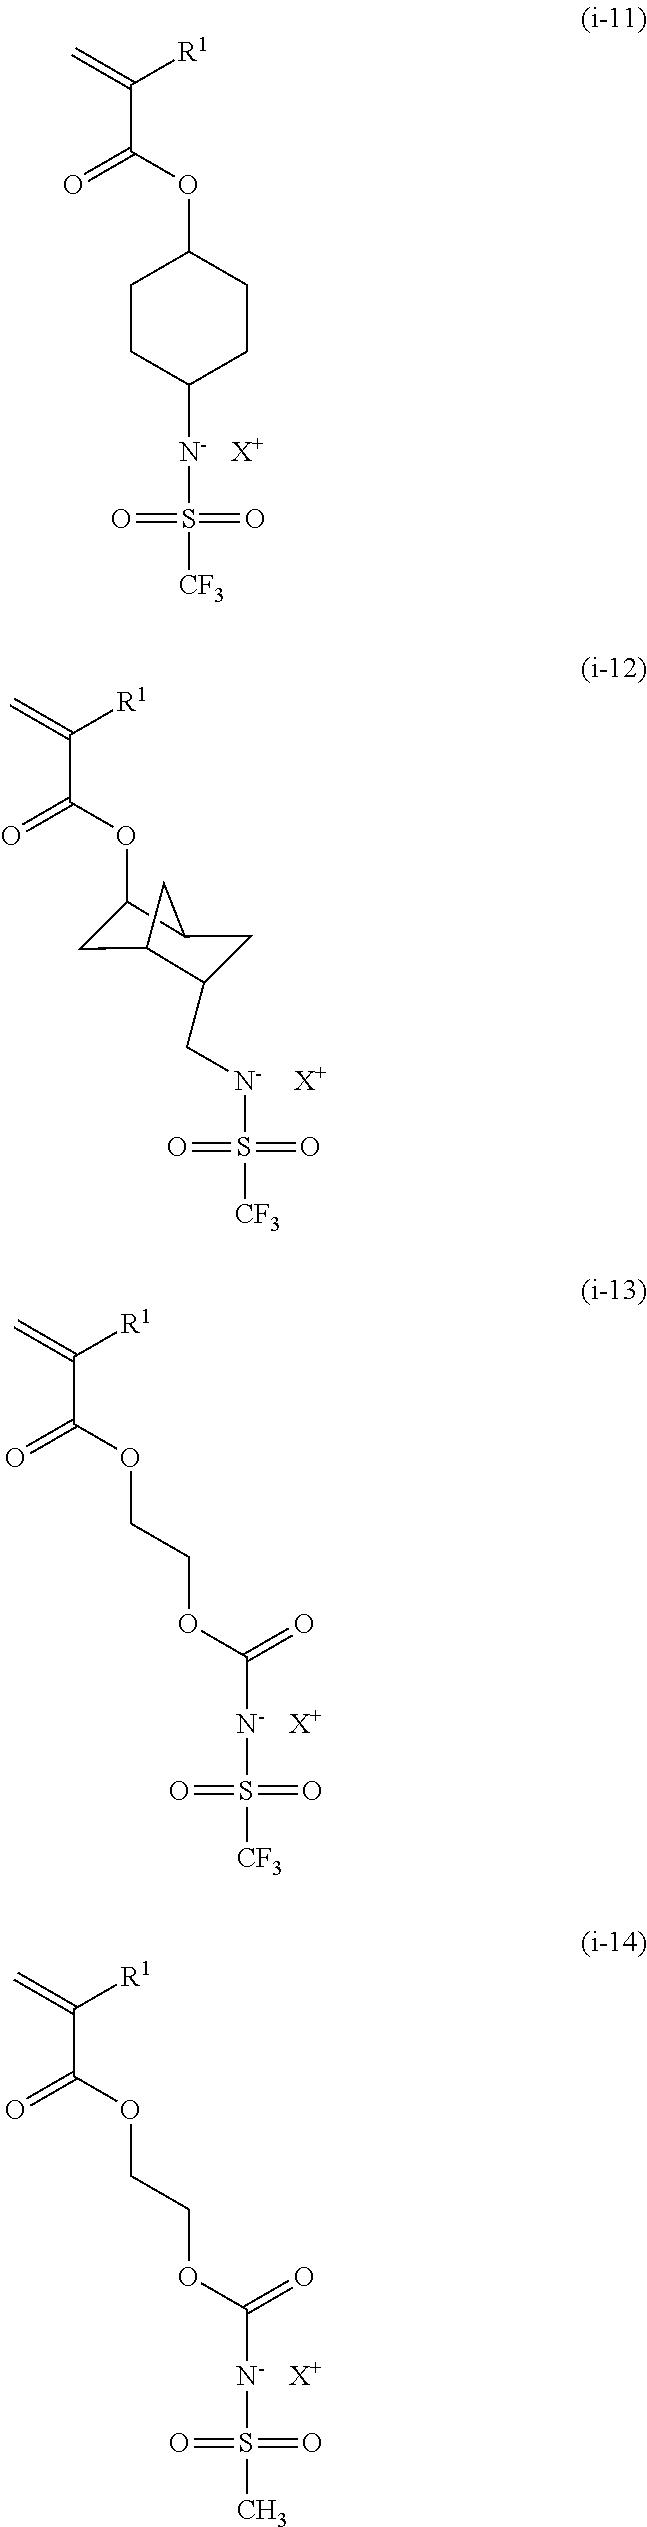 Figure US08507575-20130813-C00017